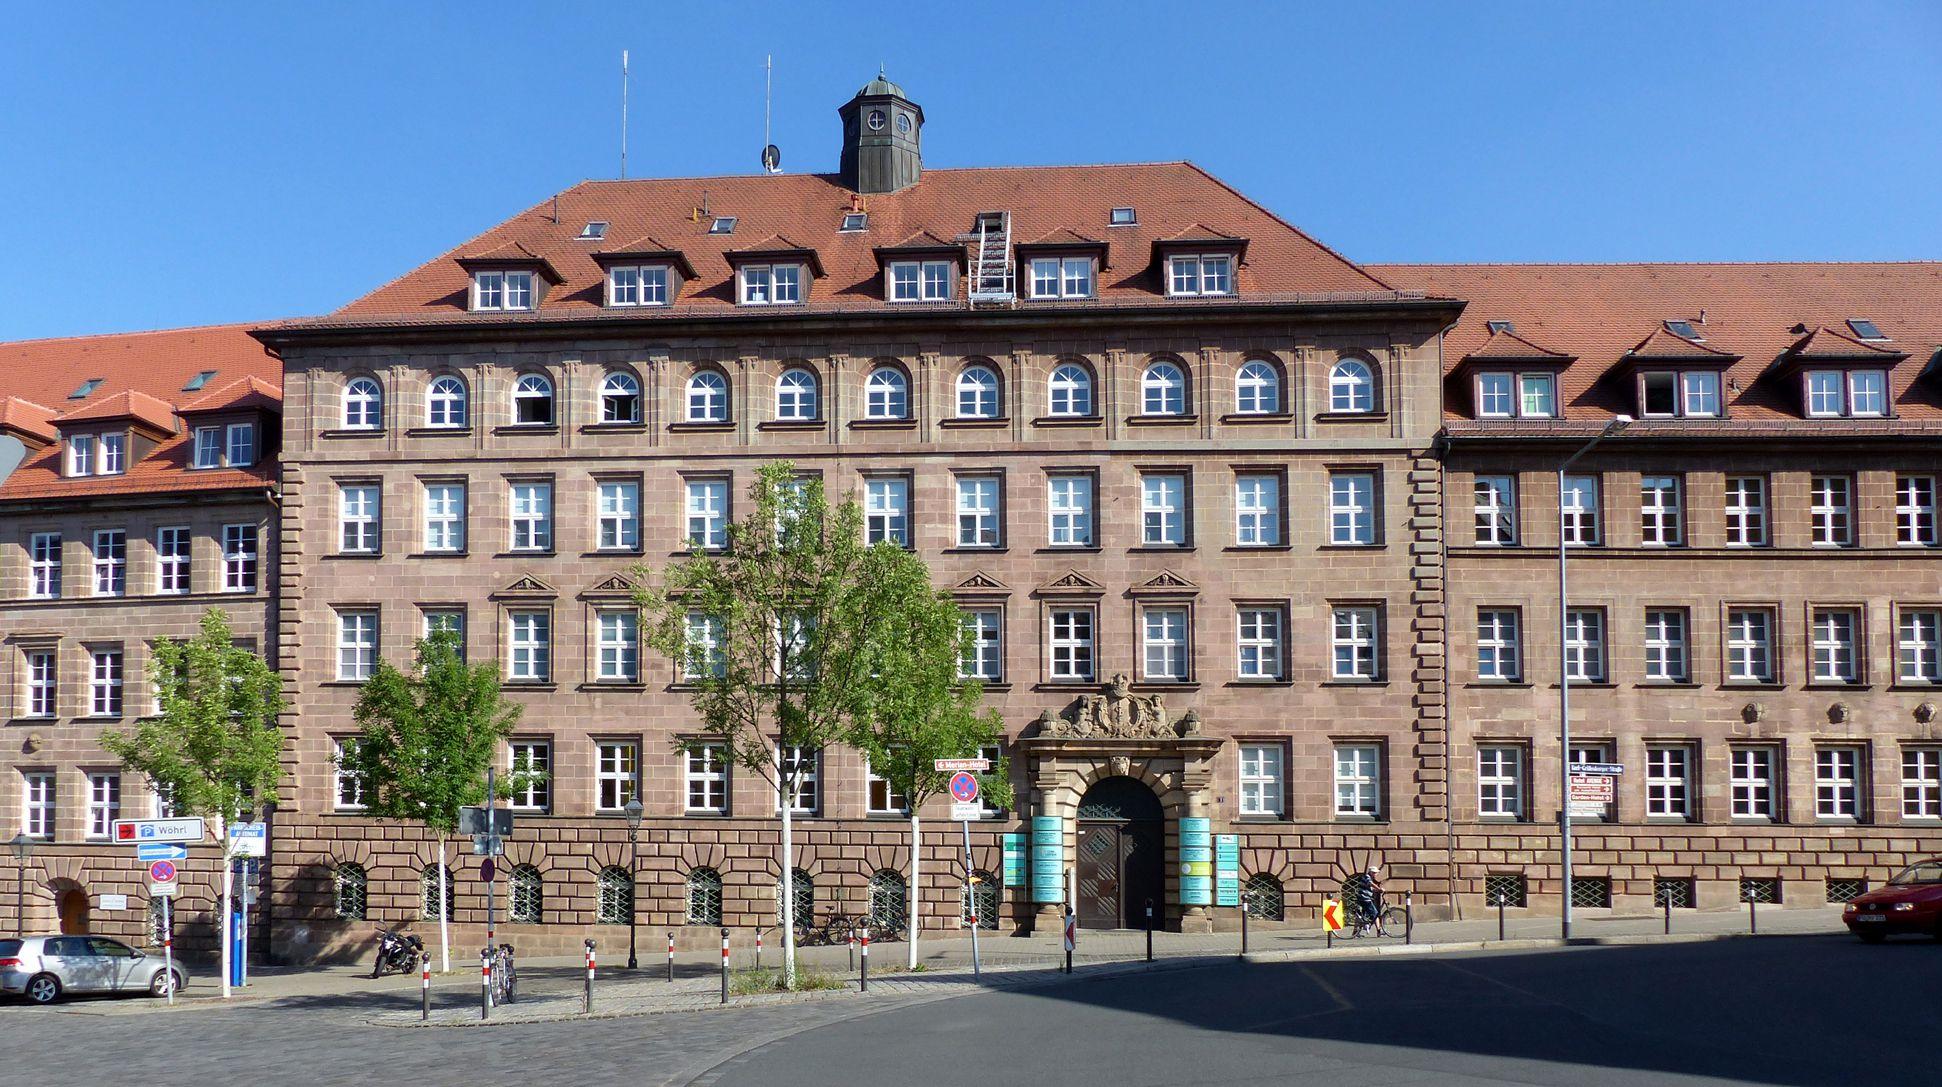 ehemalige Allgemeine Ortskrankenkasse Strassenansicht mit Mittelteil